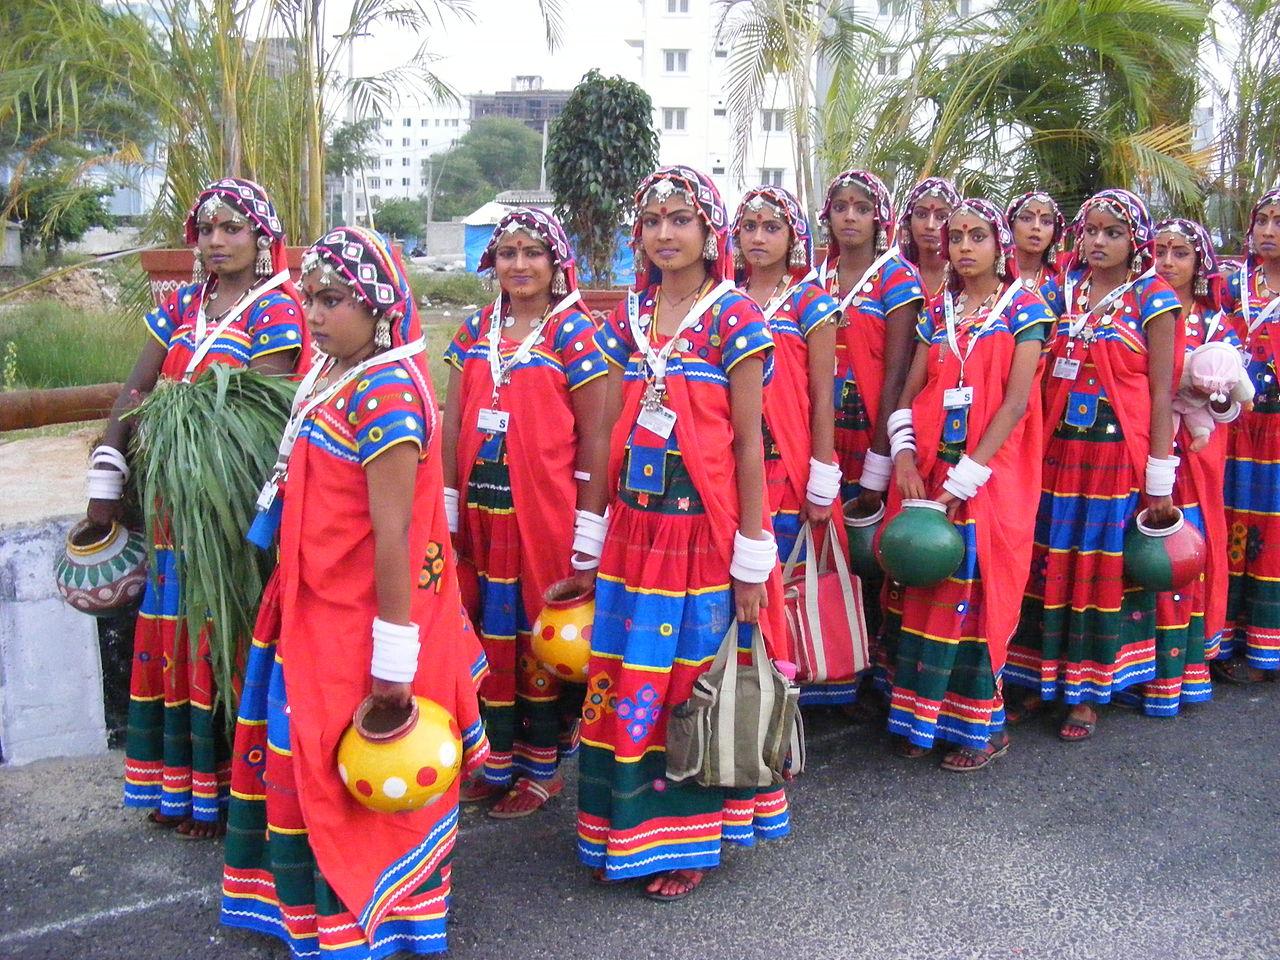 banjara_lamadi_or_lambani_tribe_in_andhra_pradesh_dscf7370_4